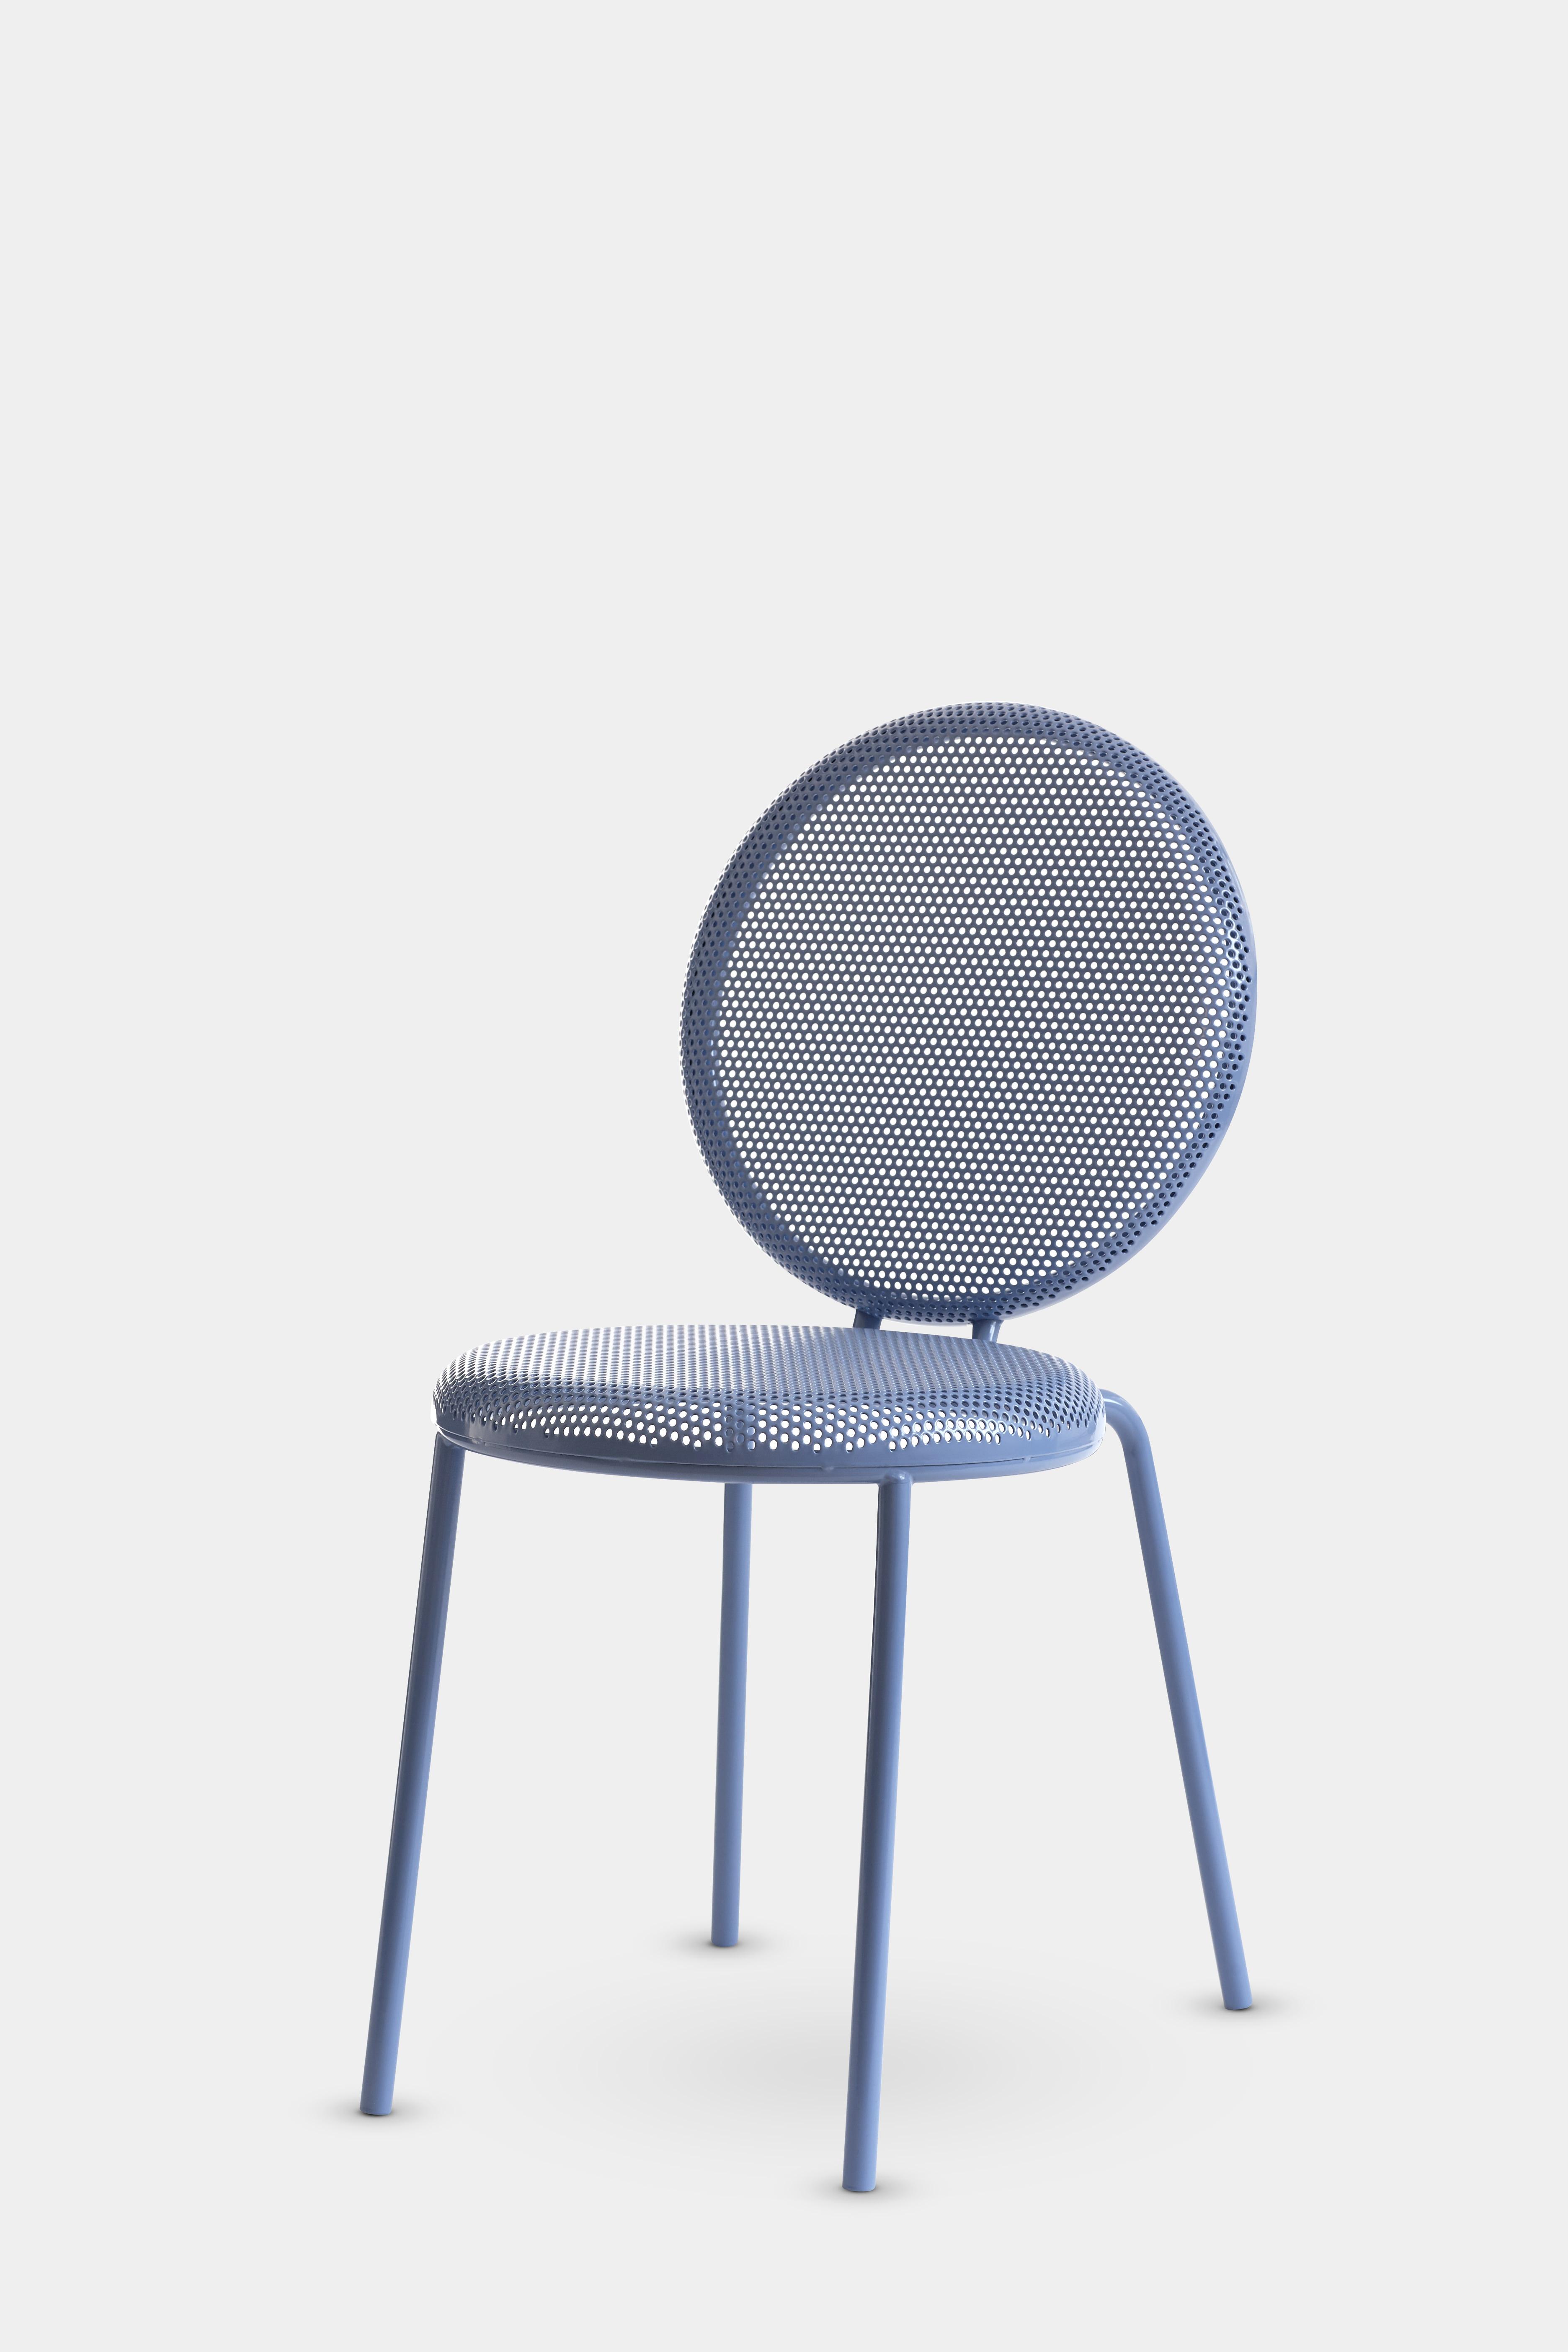 dimma chair 019